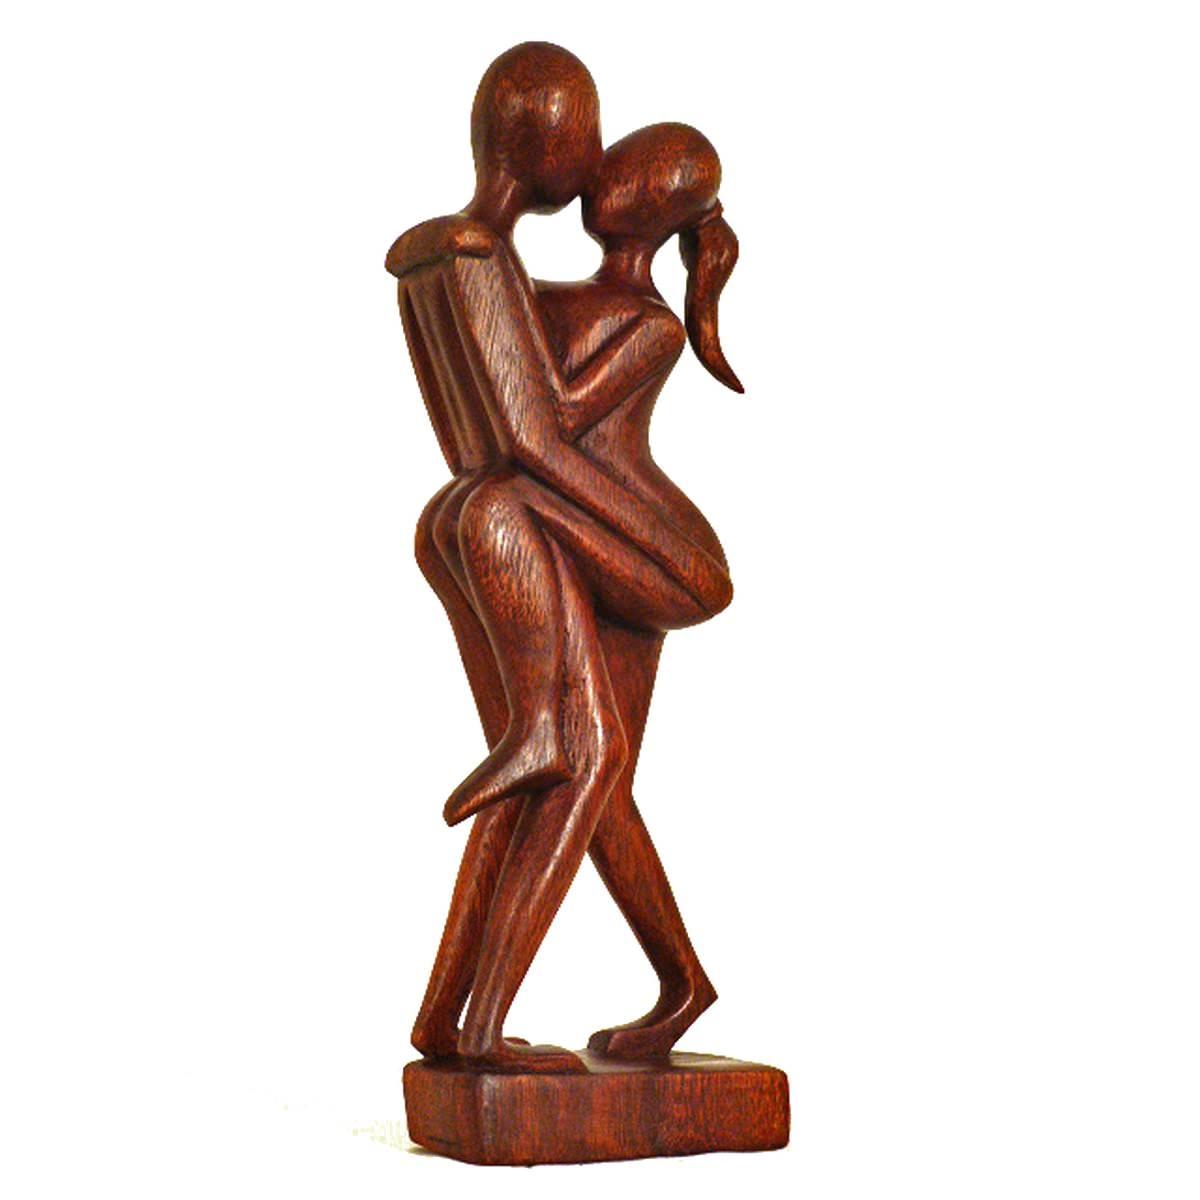 holz figur skulptur abstrakt holzfigur afrika asien handarbeit, Wohnzimmer dekoo